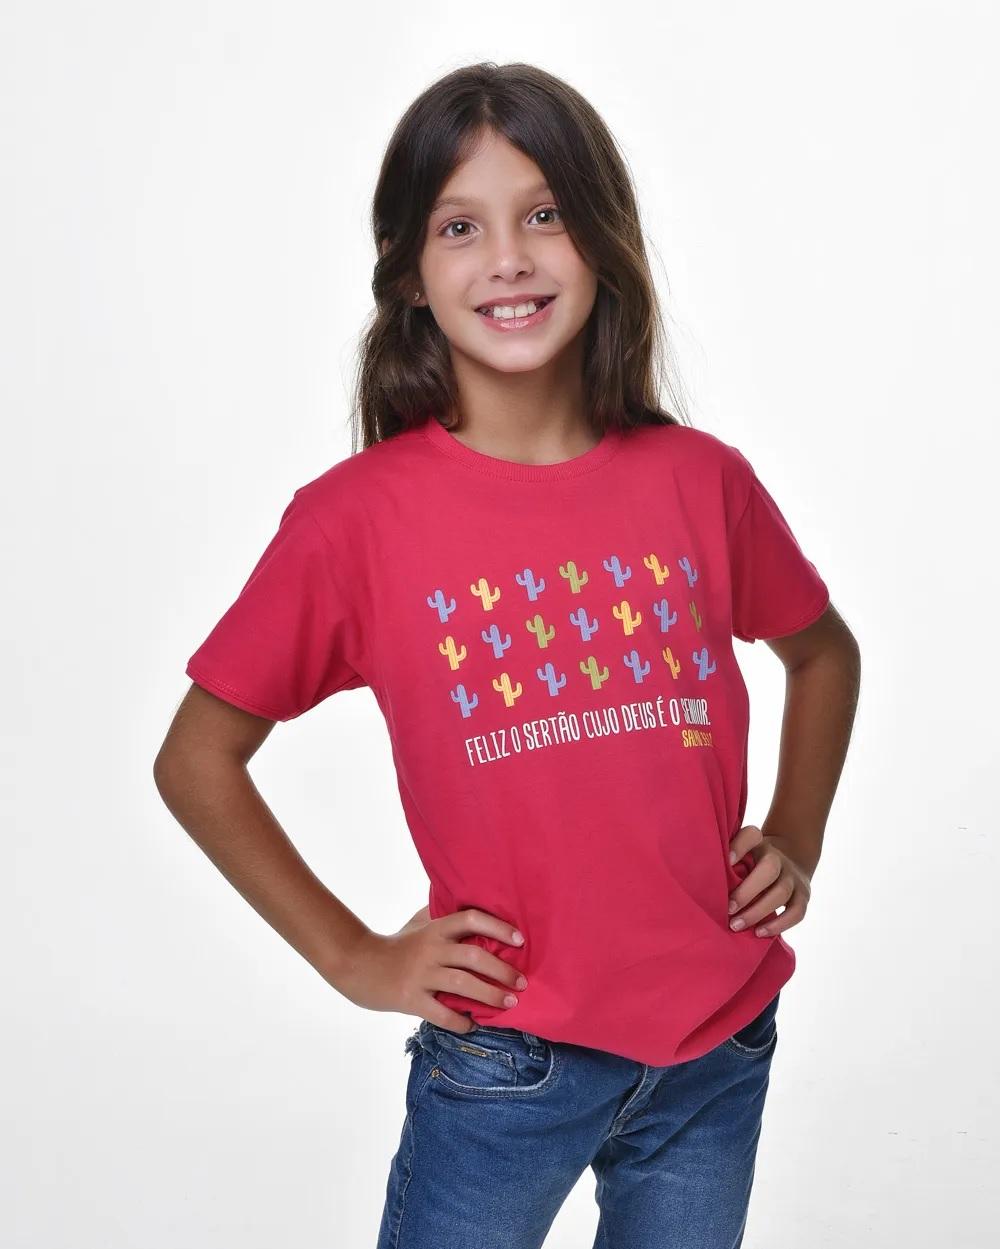 Camiseta Infantil - Bendito Sertão 01 (Algodão)